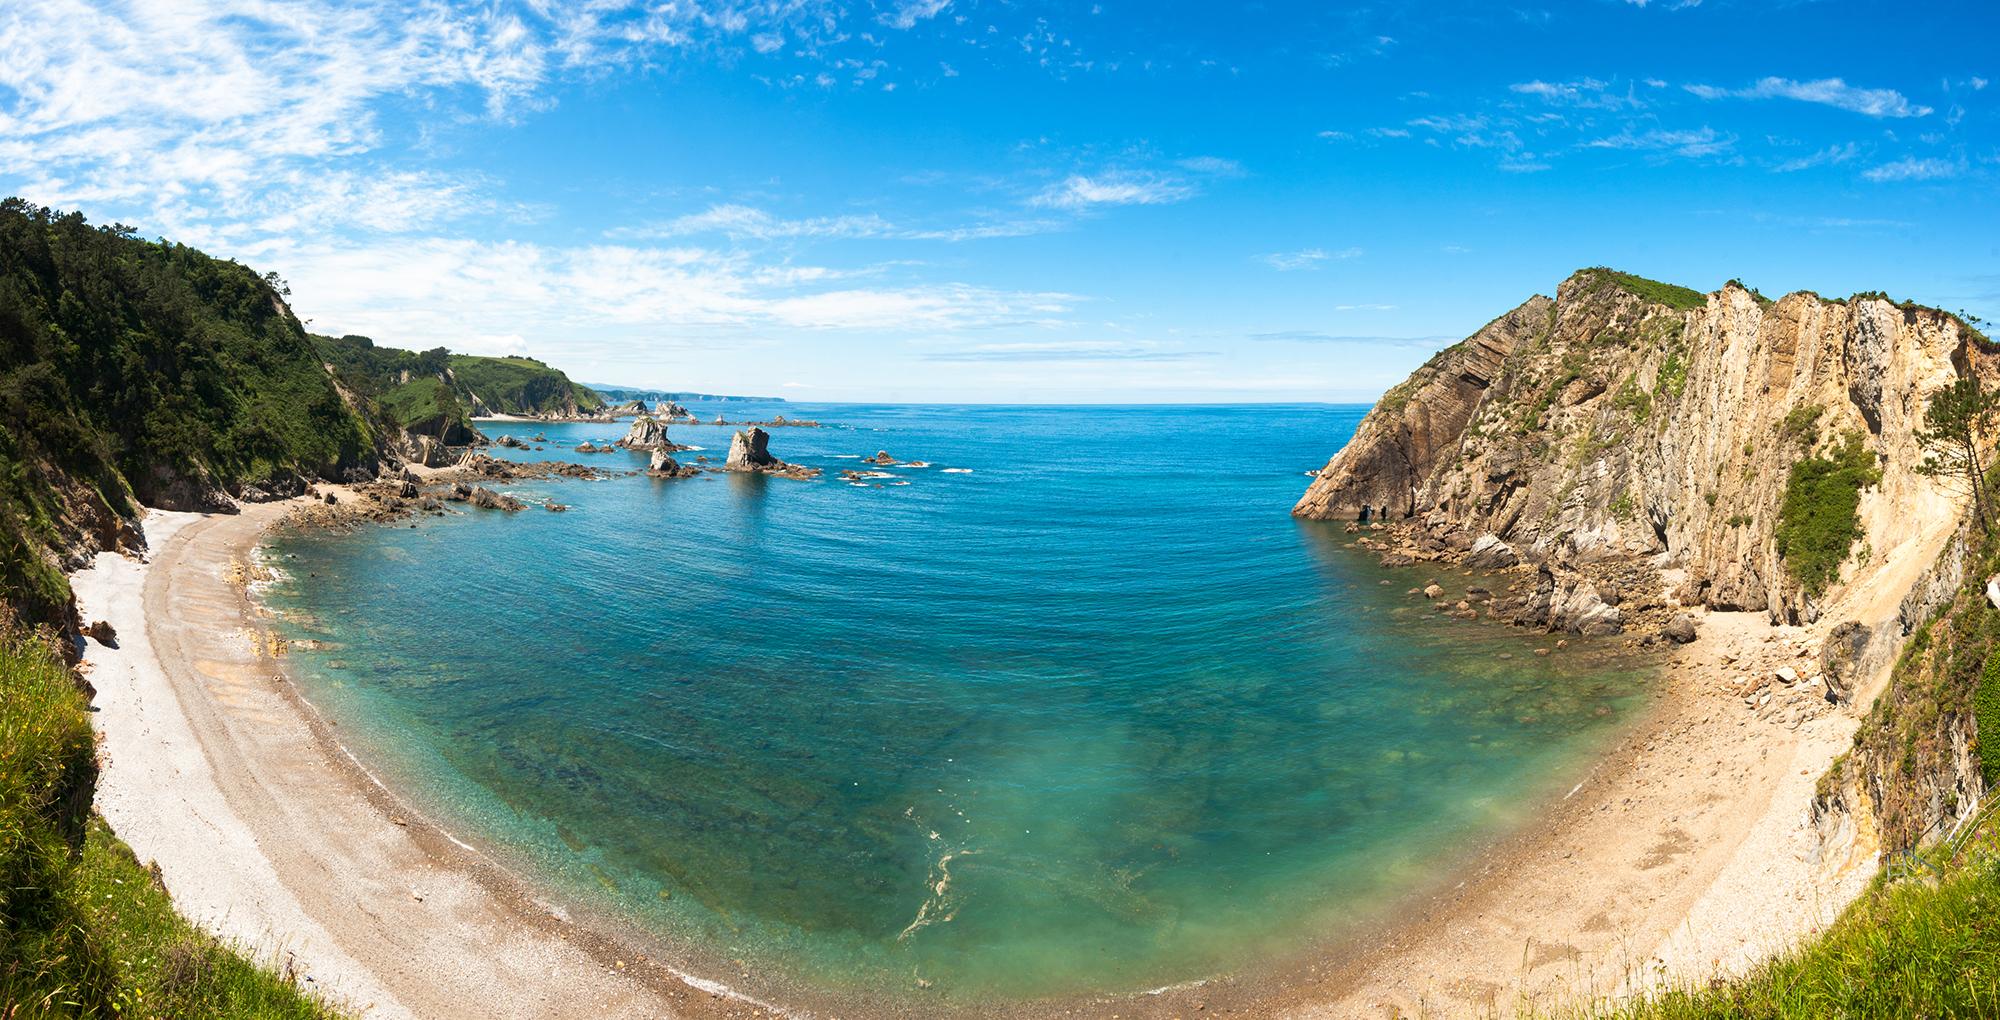 Las playas más bonitas de Asturias - Playa del Silencio